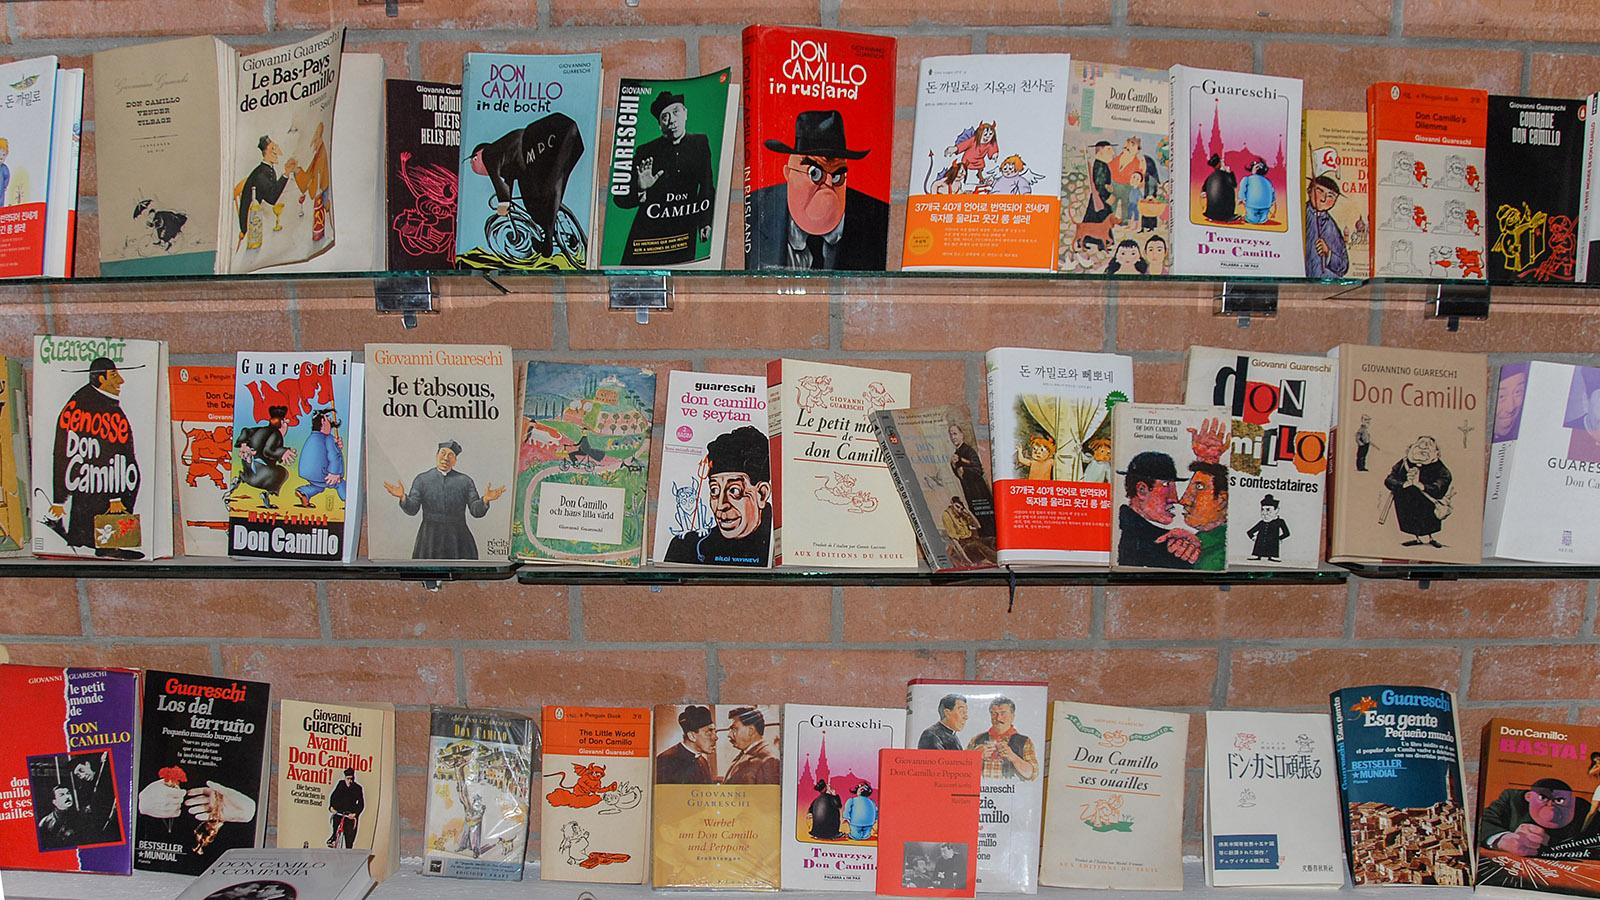 Auswahl der Werke von Guareschi im Museum von Roncole Verdi. Foto: Hilke Maunder